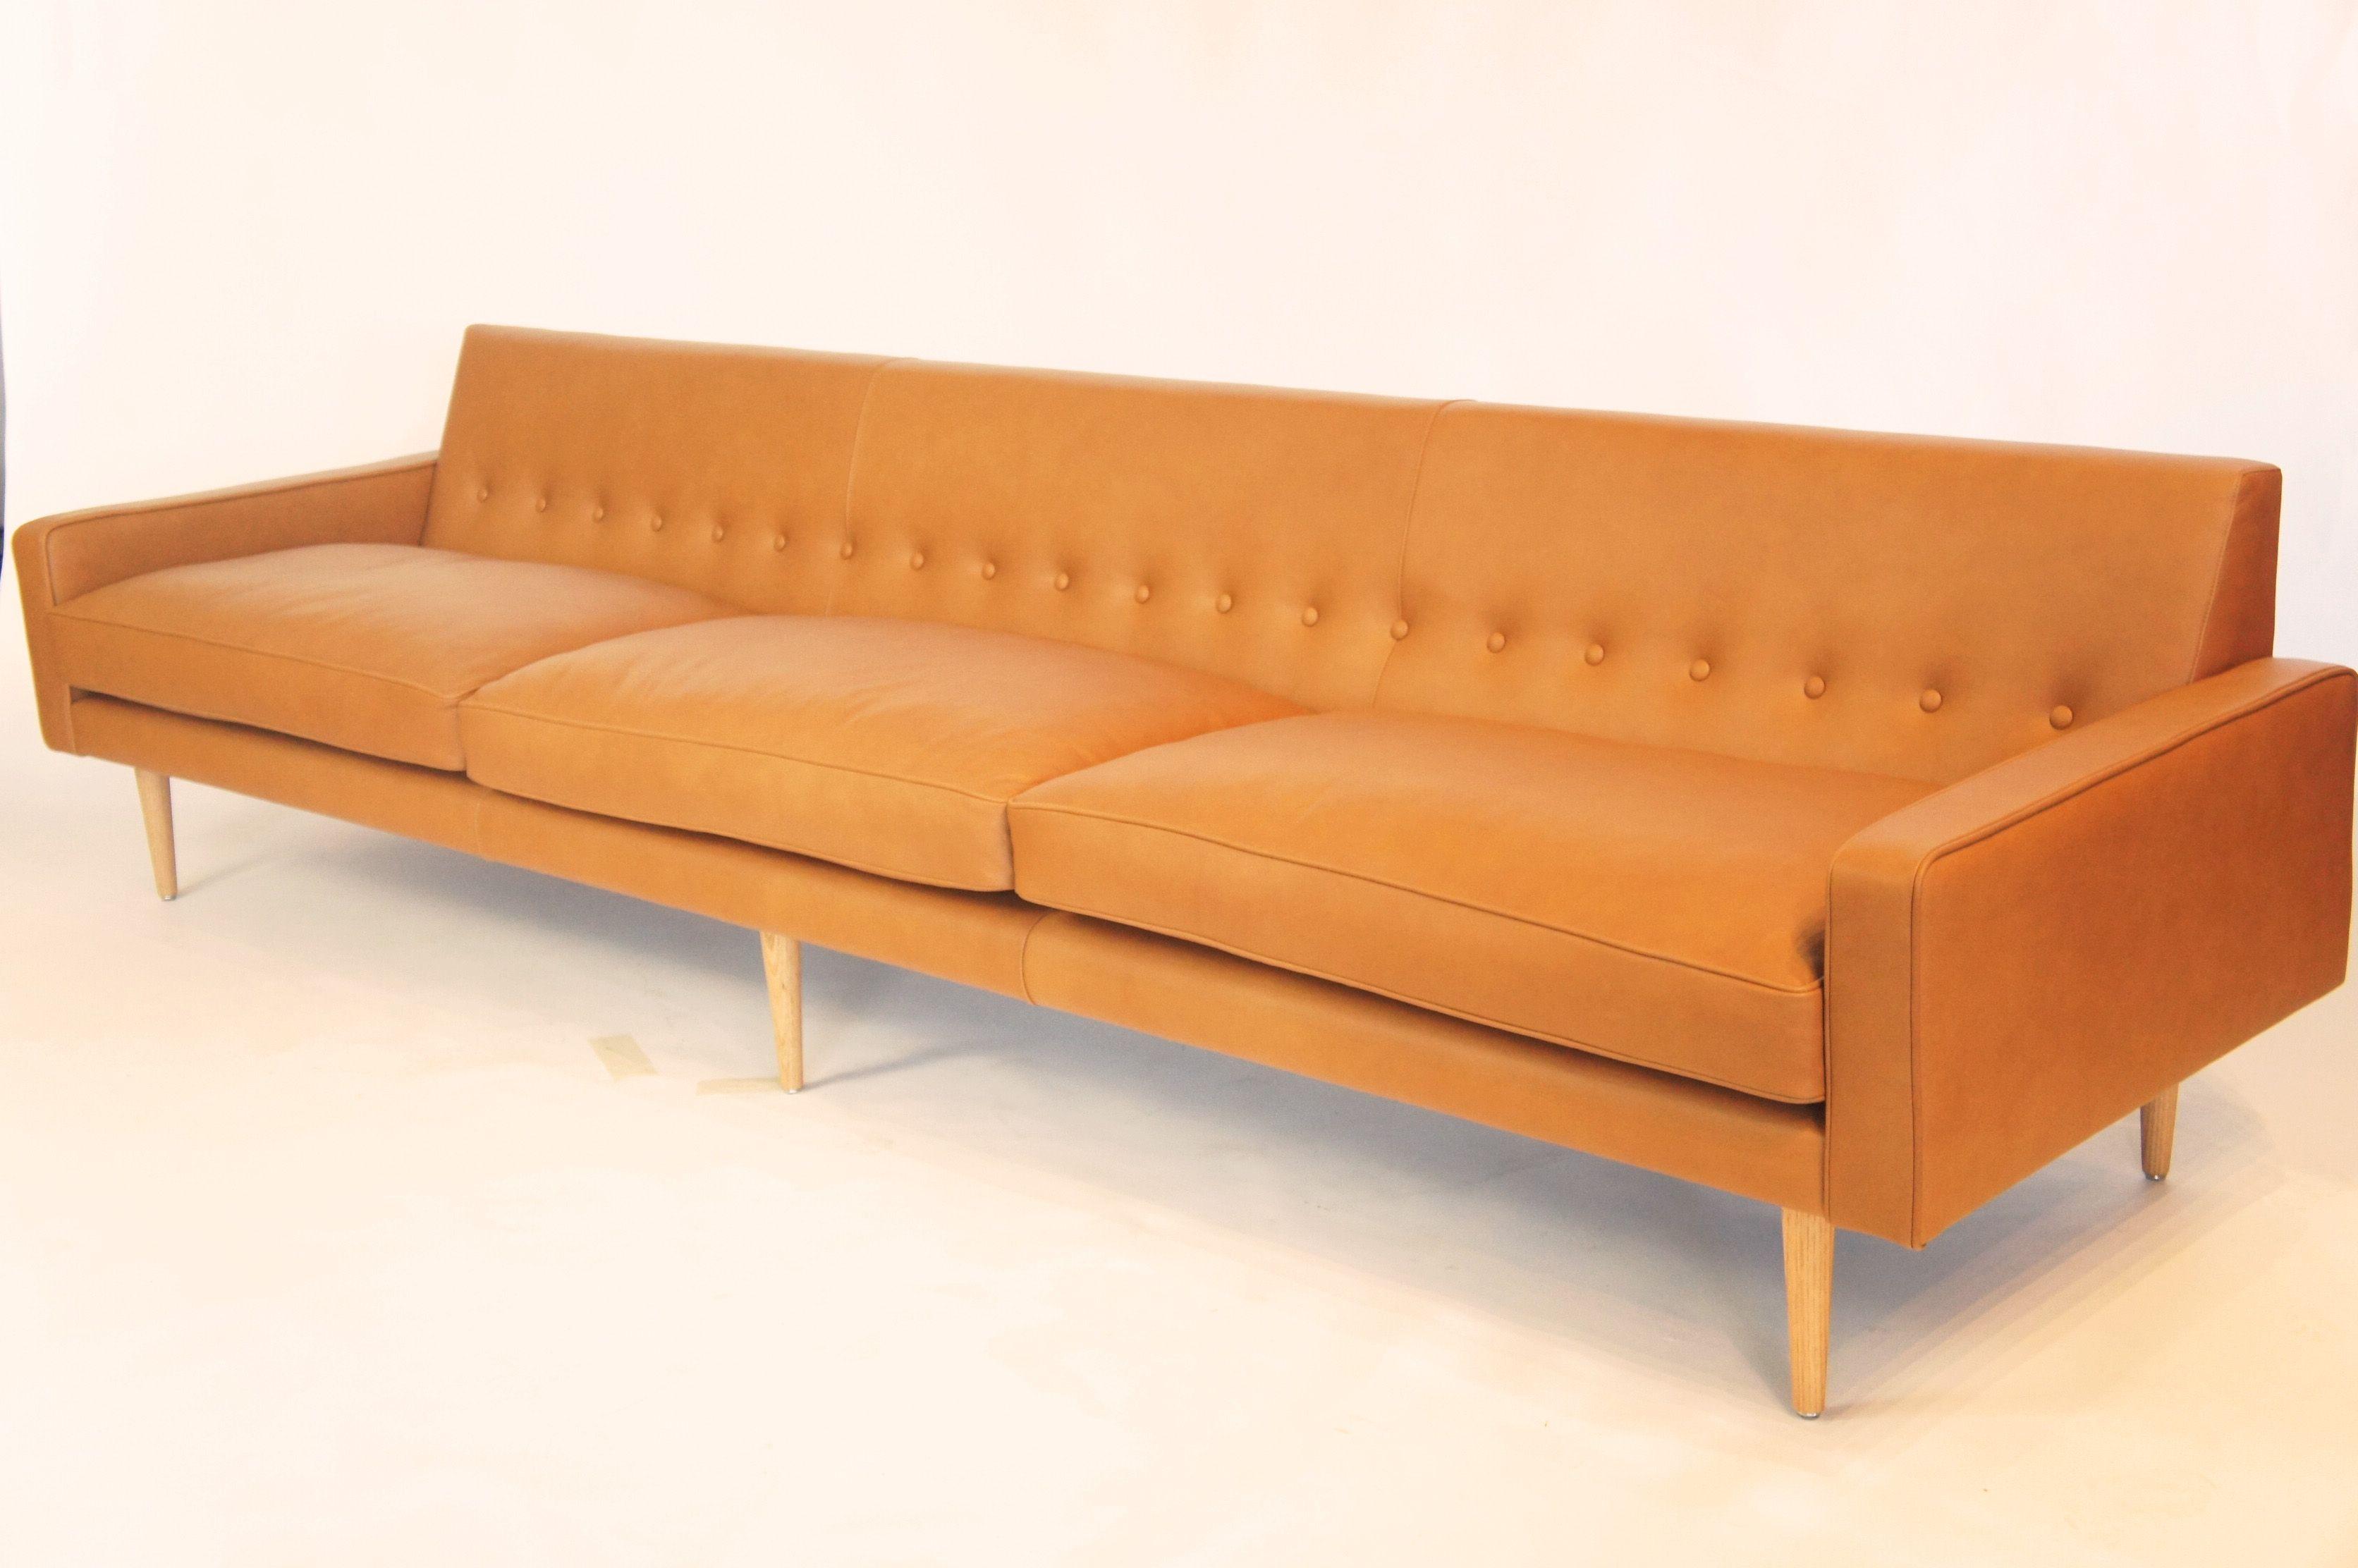 2 8m Slimline Sofa In Vera Pelle Ultimo Tan Slimline Sofas